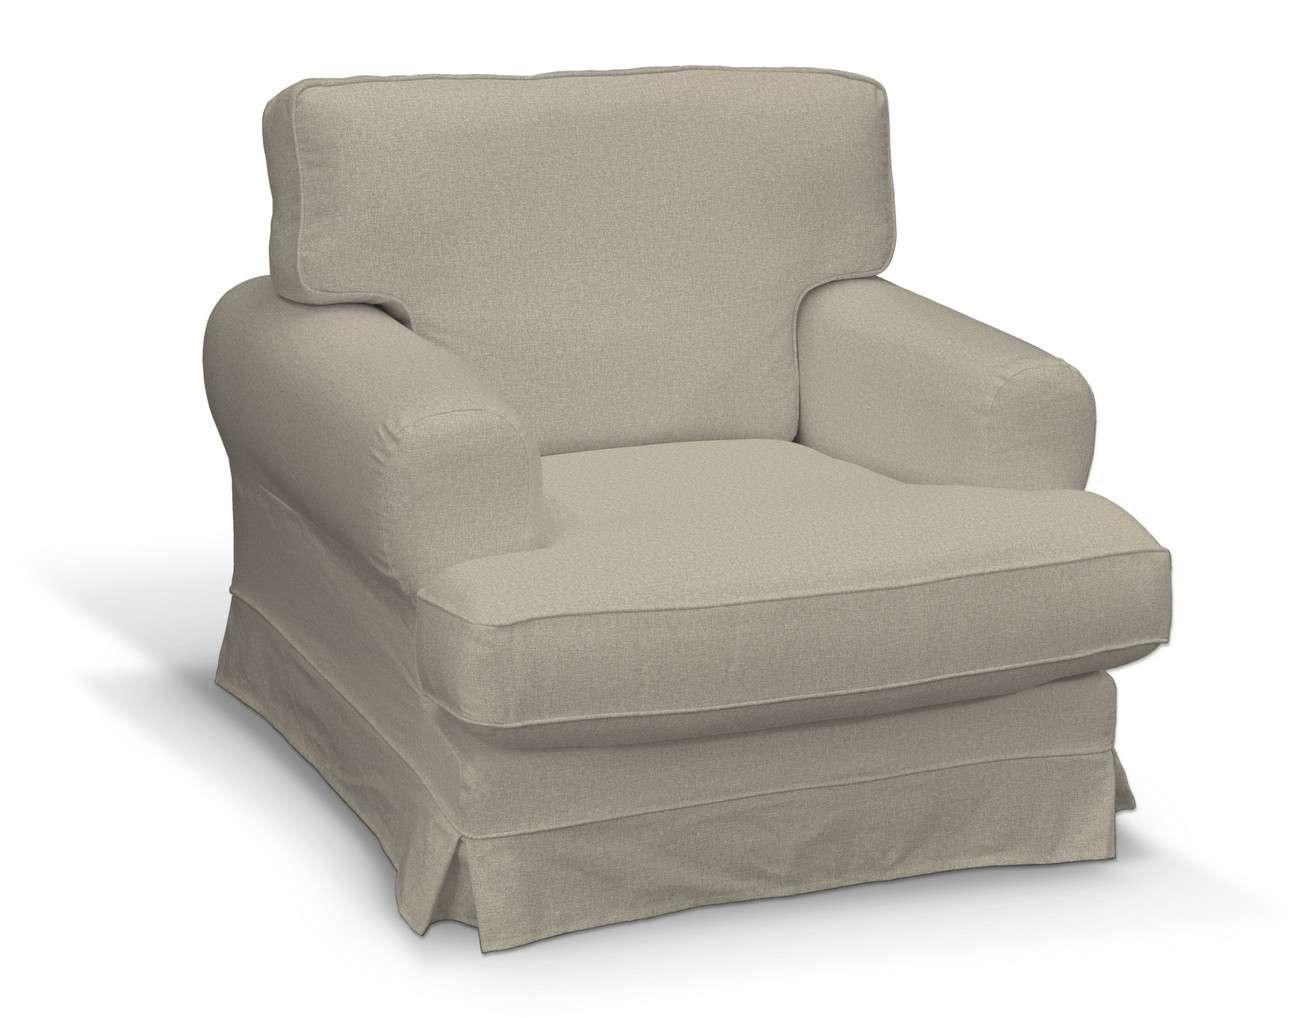 Pokrowiec na fotel Ekeskog w kolekcji Amsterdam, tkanina: 704-52